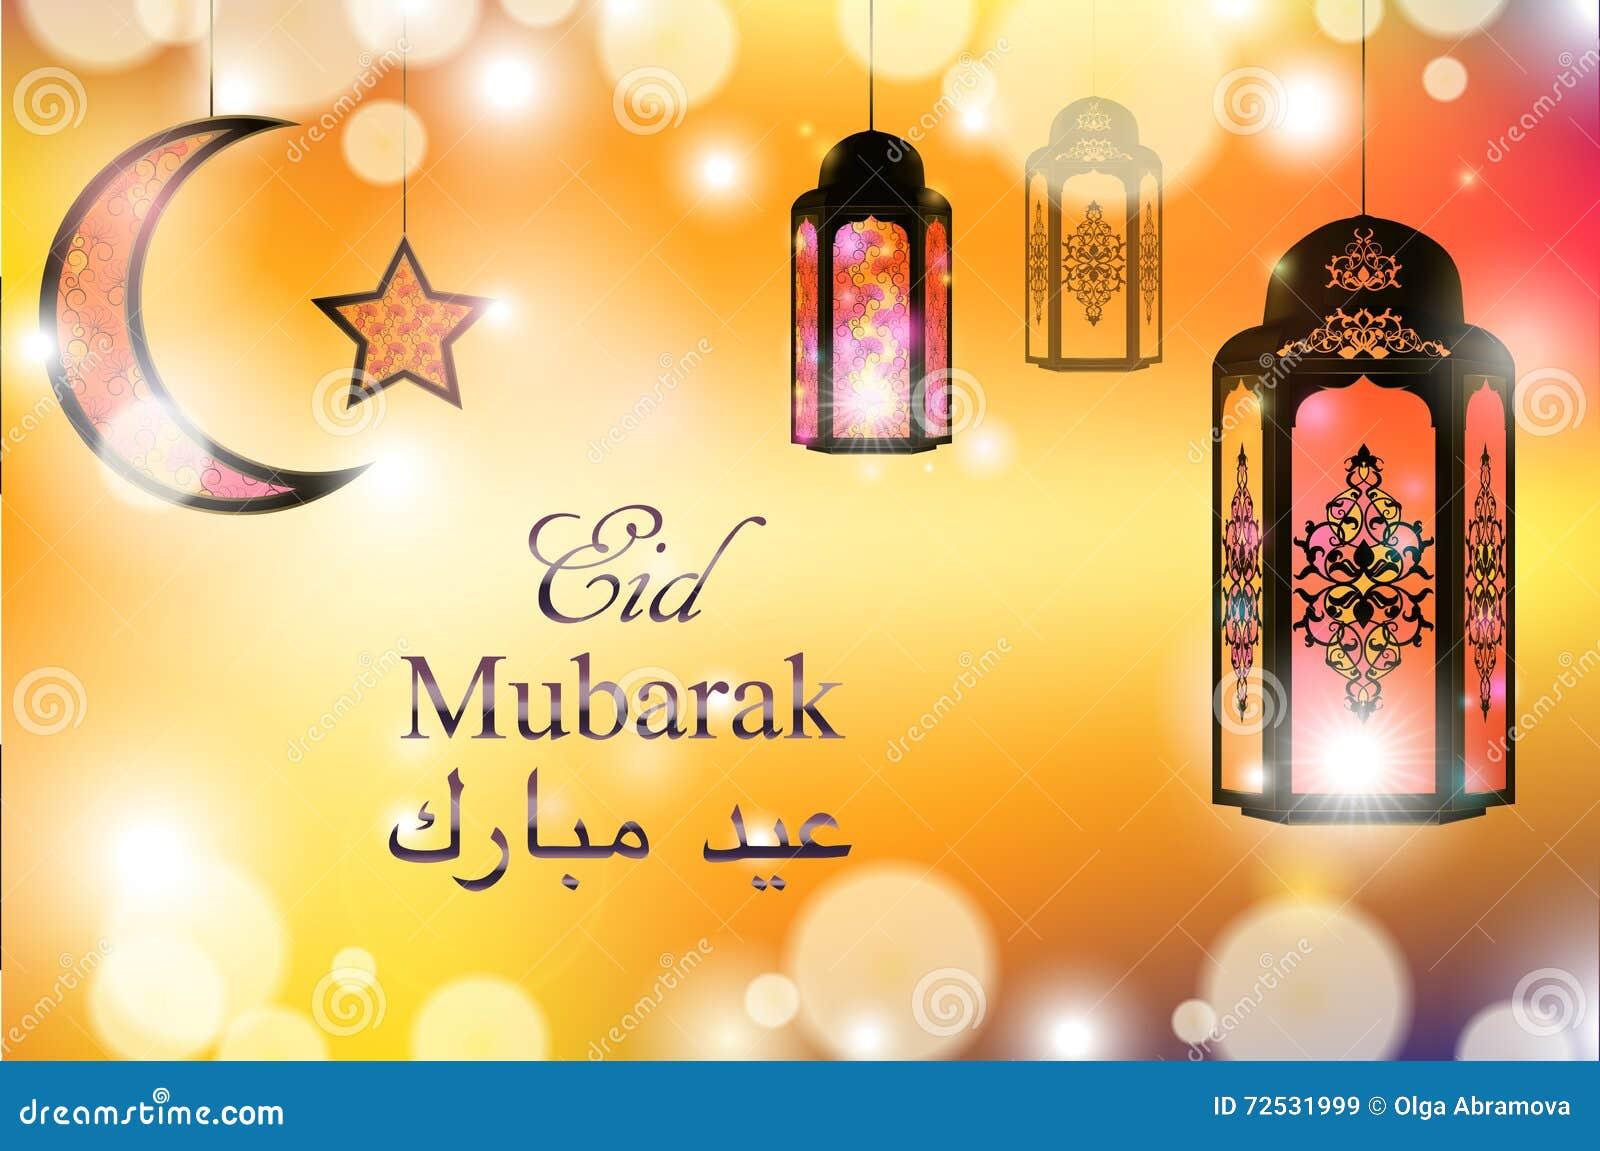 English Translation Eid Mubarak Greeting On Blurred Background With